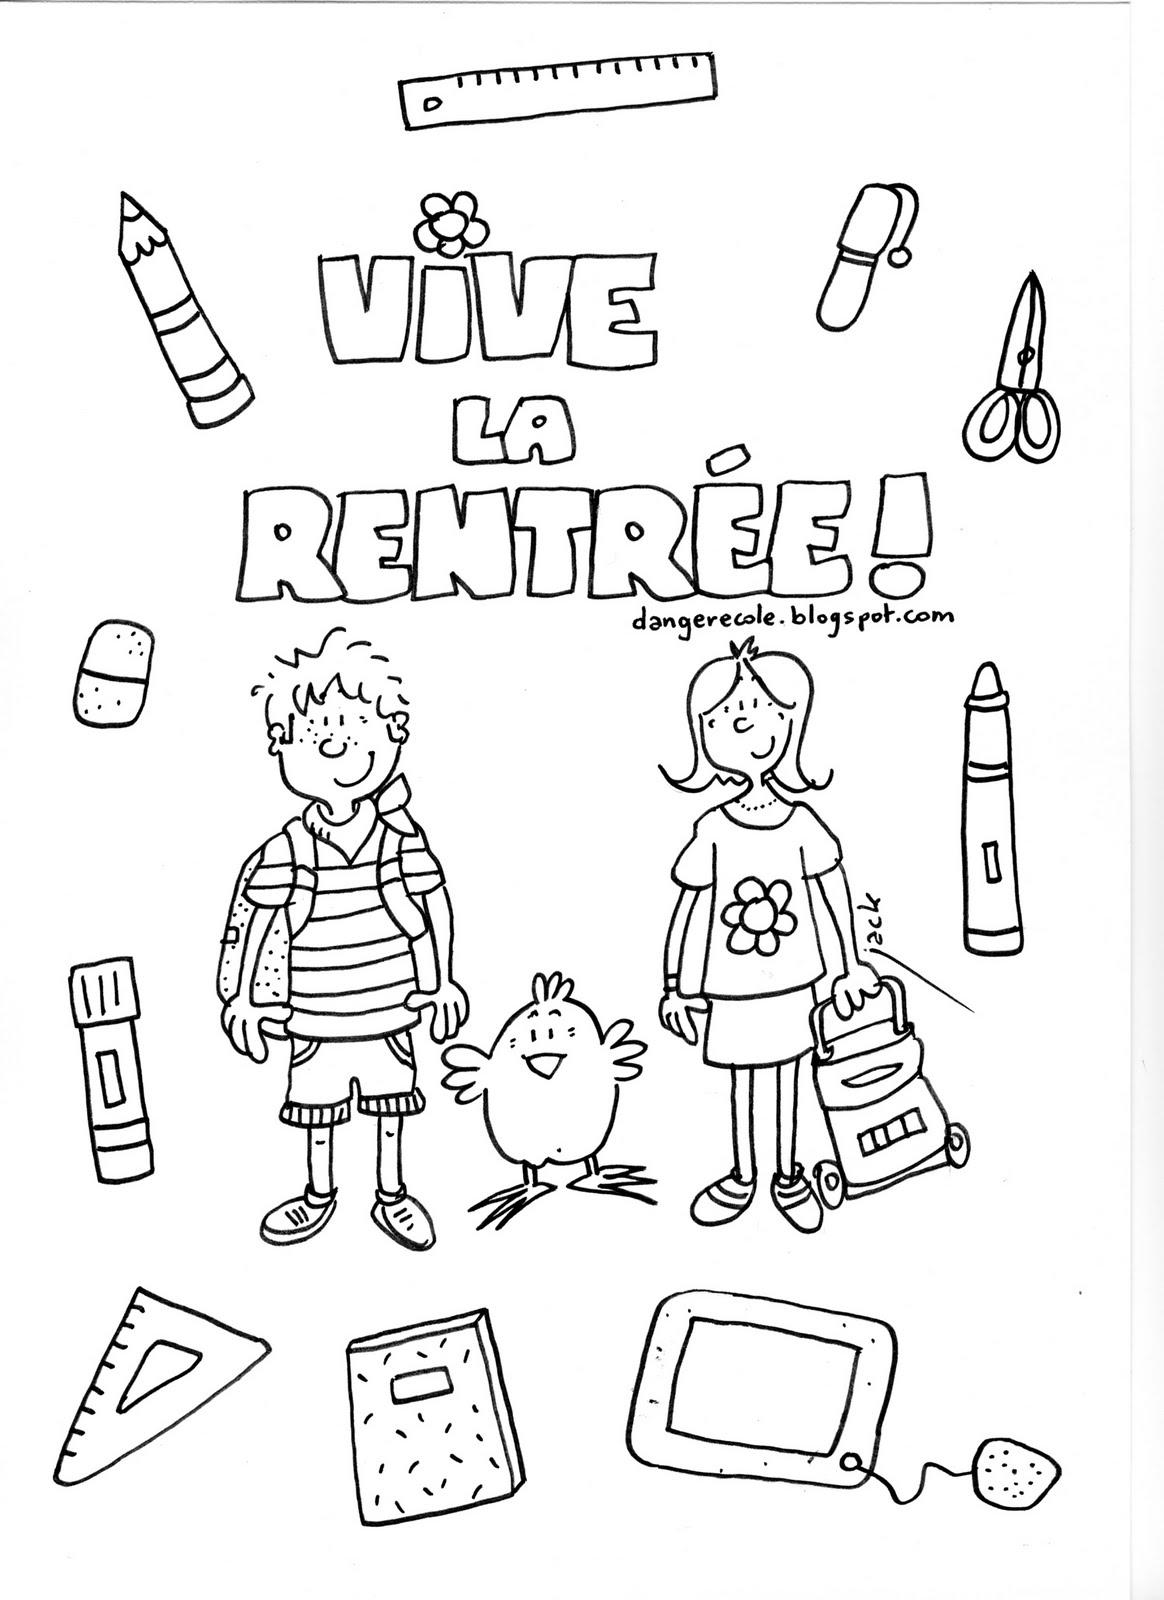 Dessin rentrée des classes à imprimerA partir de la galerie : Rentree